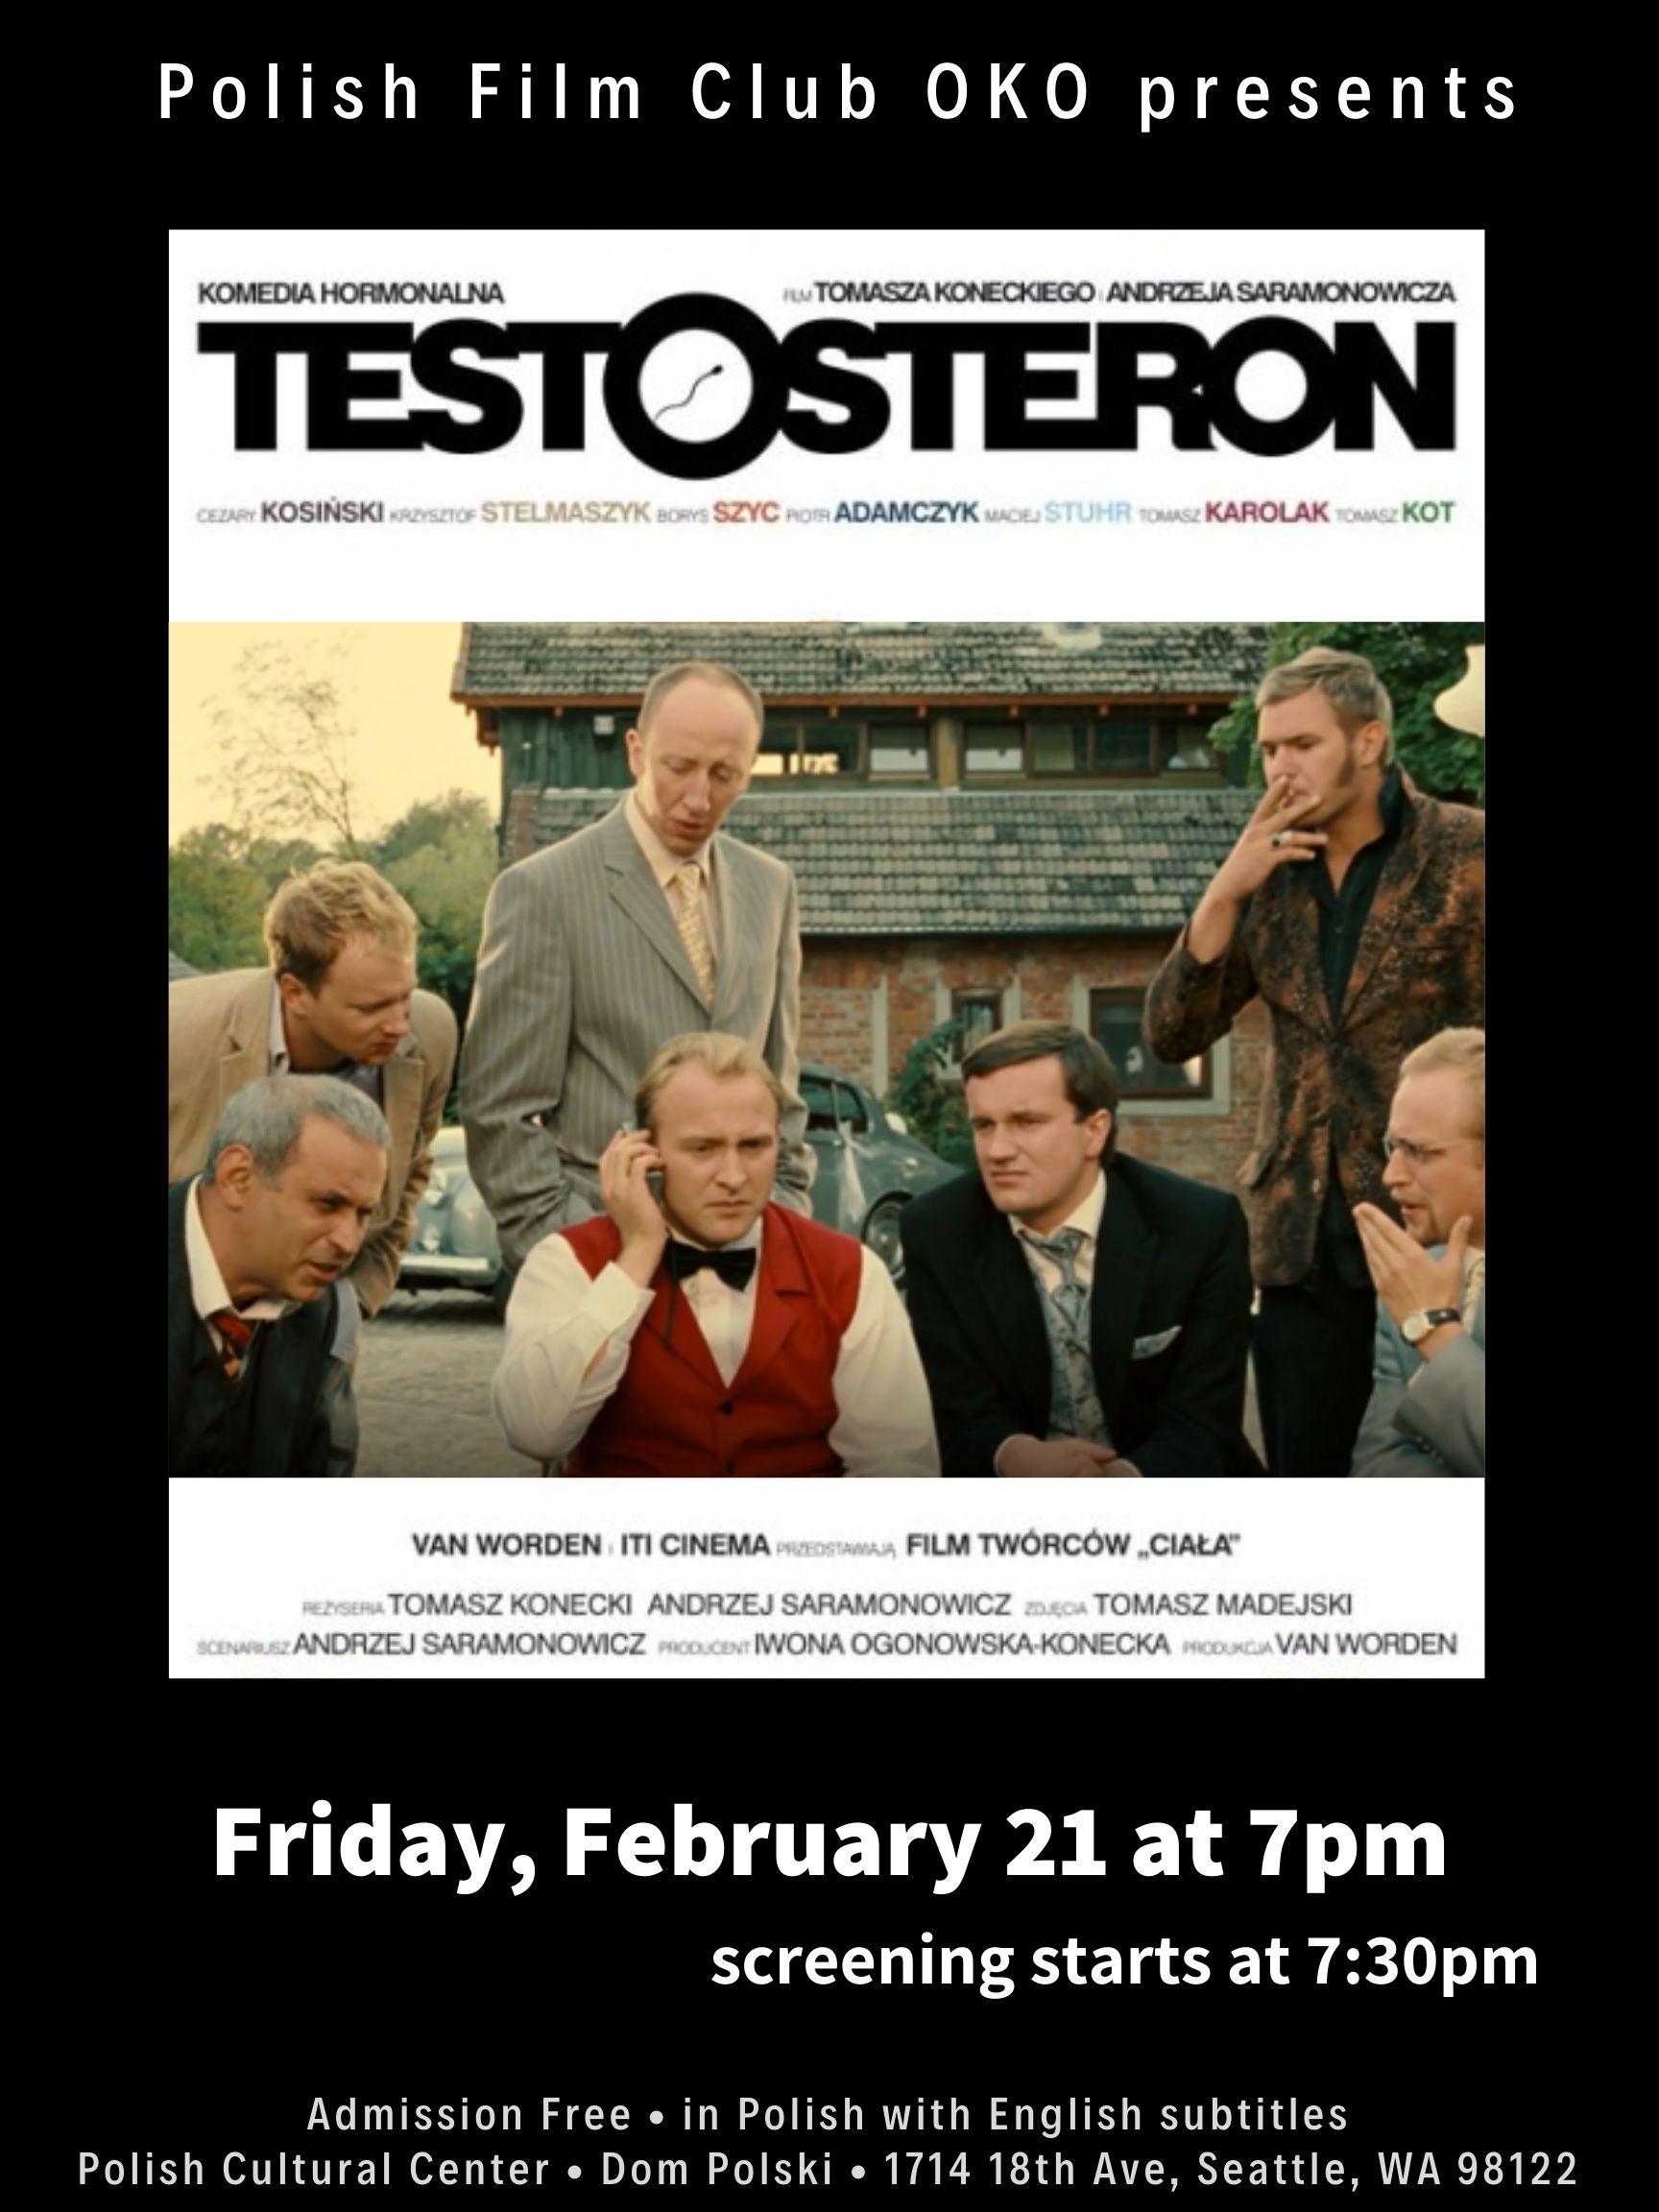 Polish Film Club OKO presents: Testosteron / Testosterone (2007) by Andrzej Saramonowicz